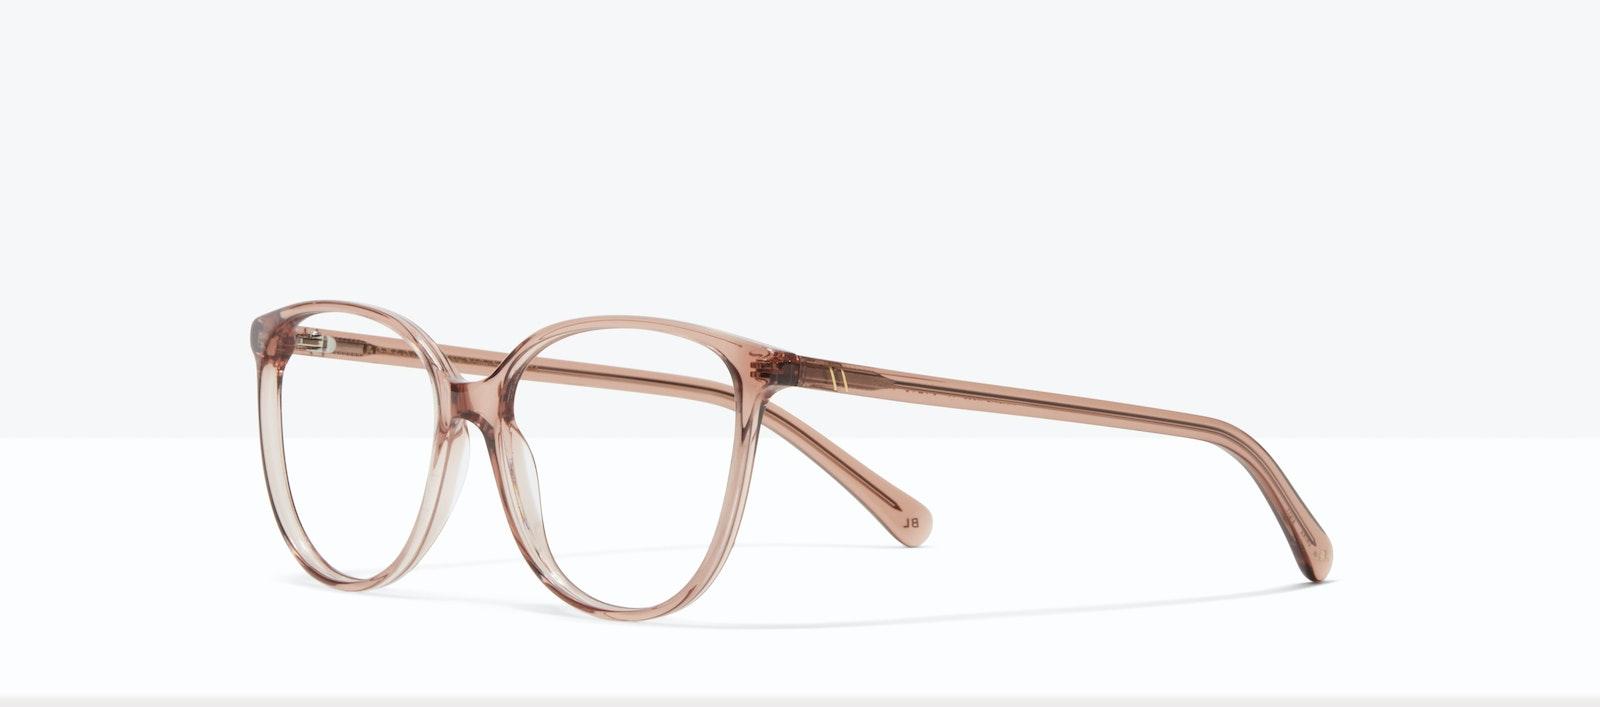 Affordable Fashion Glasses Cat Eye Eyeglasses Women Imagine XL Rose Tilt